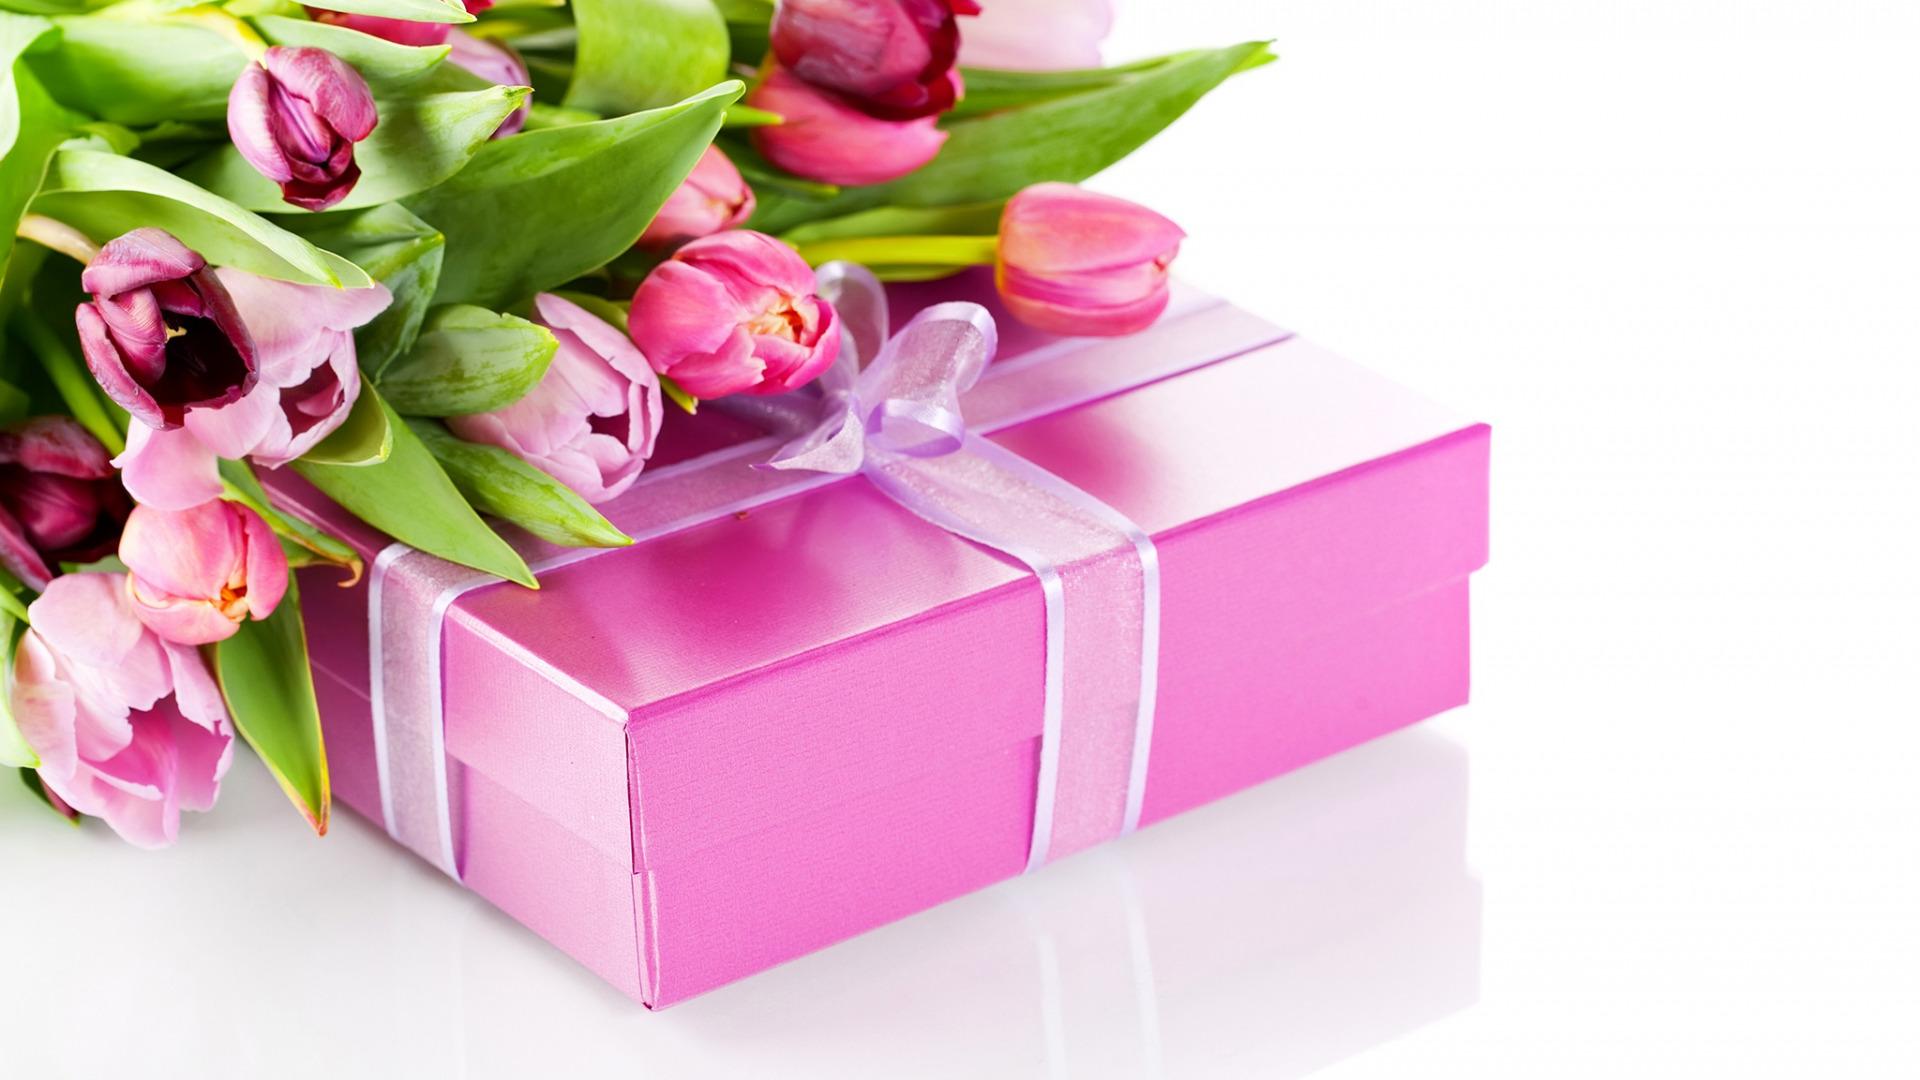 самые прекрасные поздравления с днем рождения с подарками